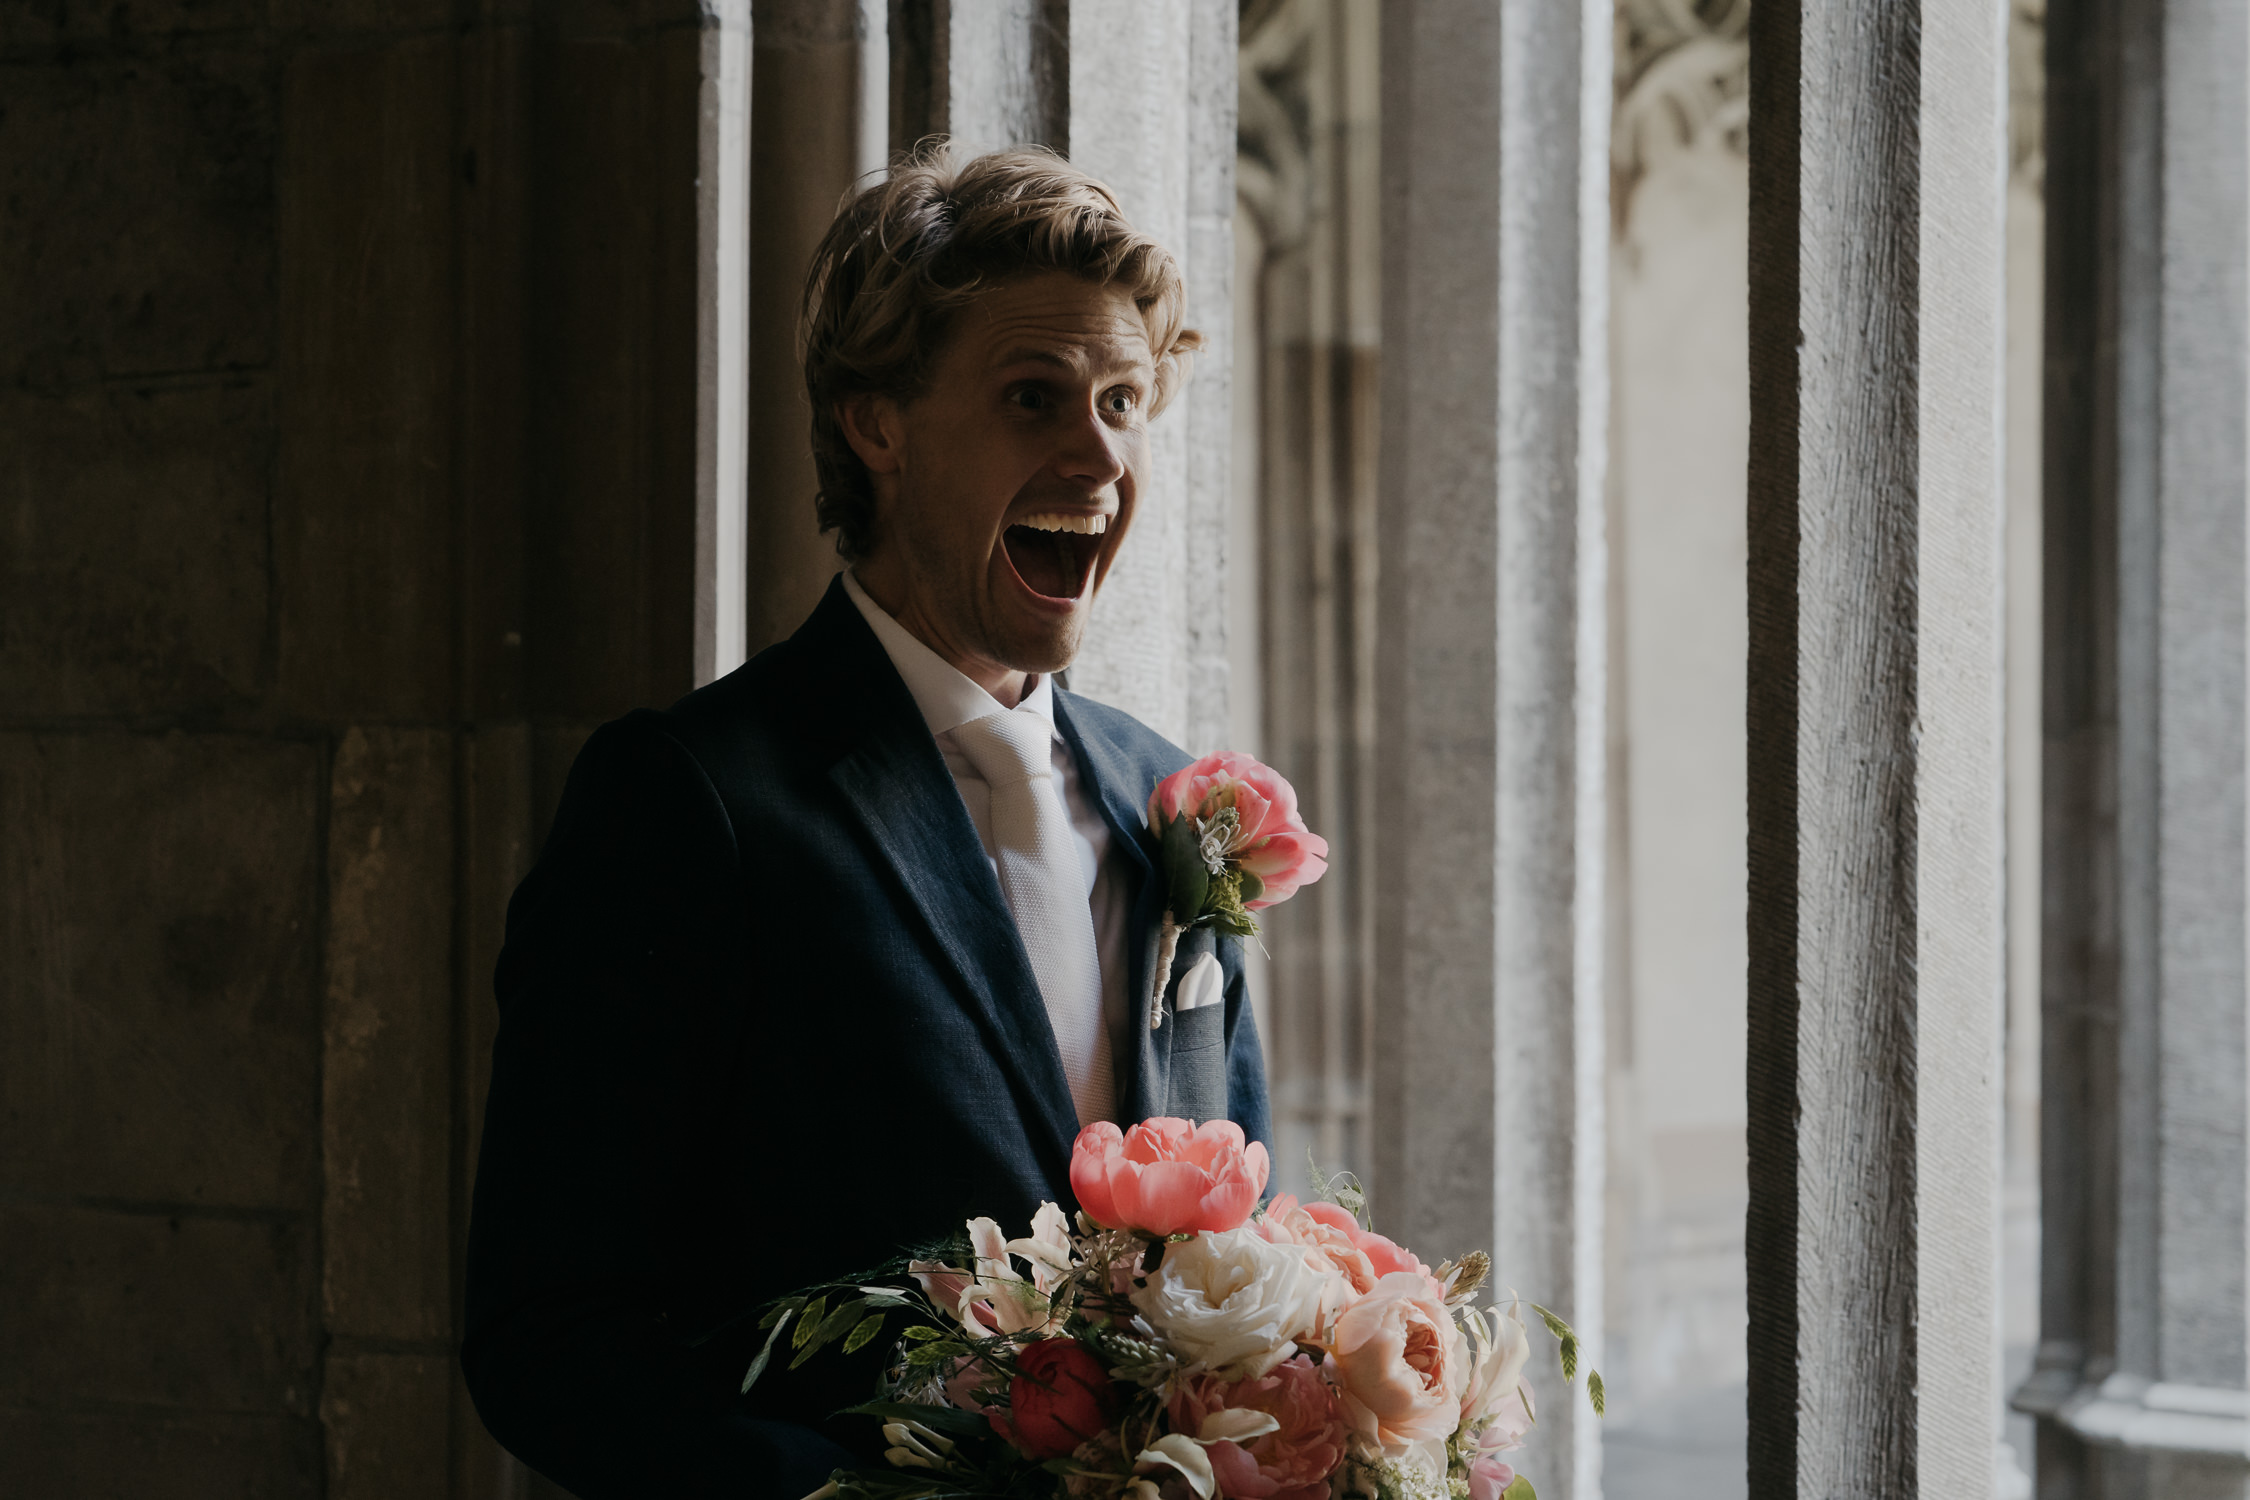 bruidsfotografie-trouwfotograaf-amsterdam-utrecht-mark-hadden-Koen-Laura-082.jpg